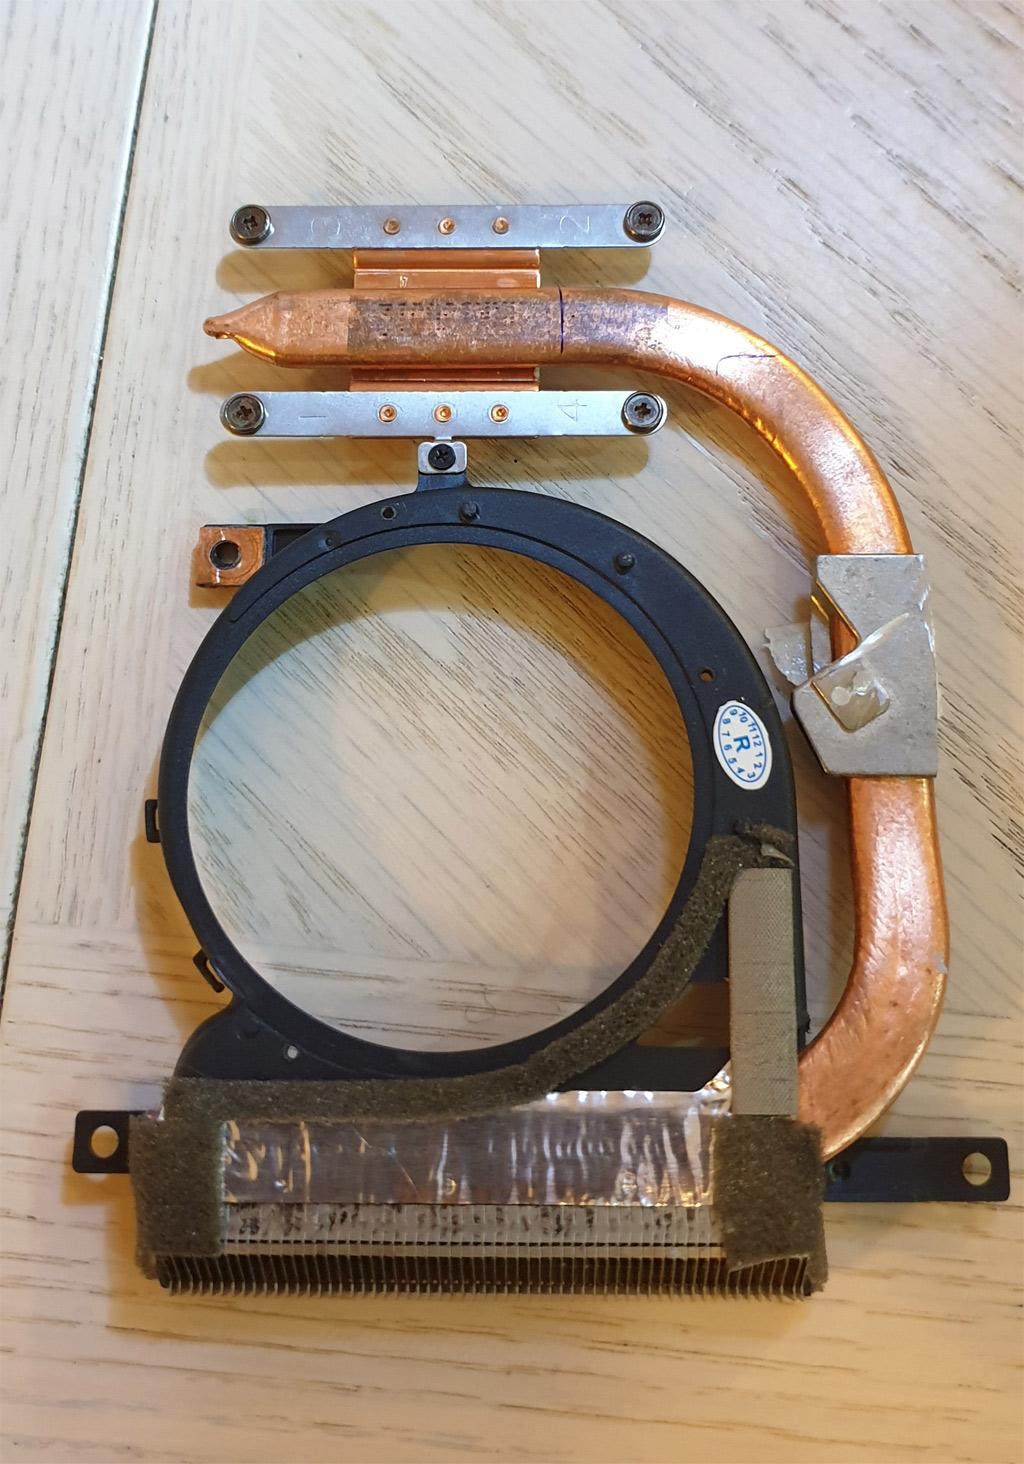 Original Adhesive Tape Put Back On The Heatsink